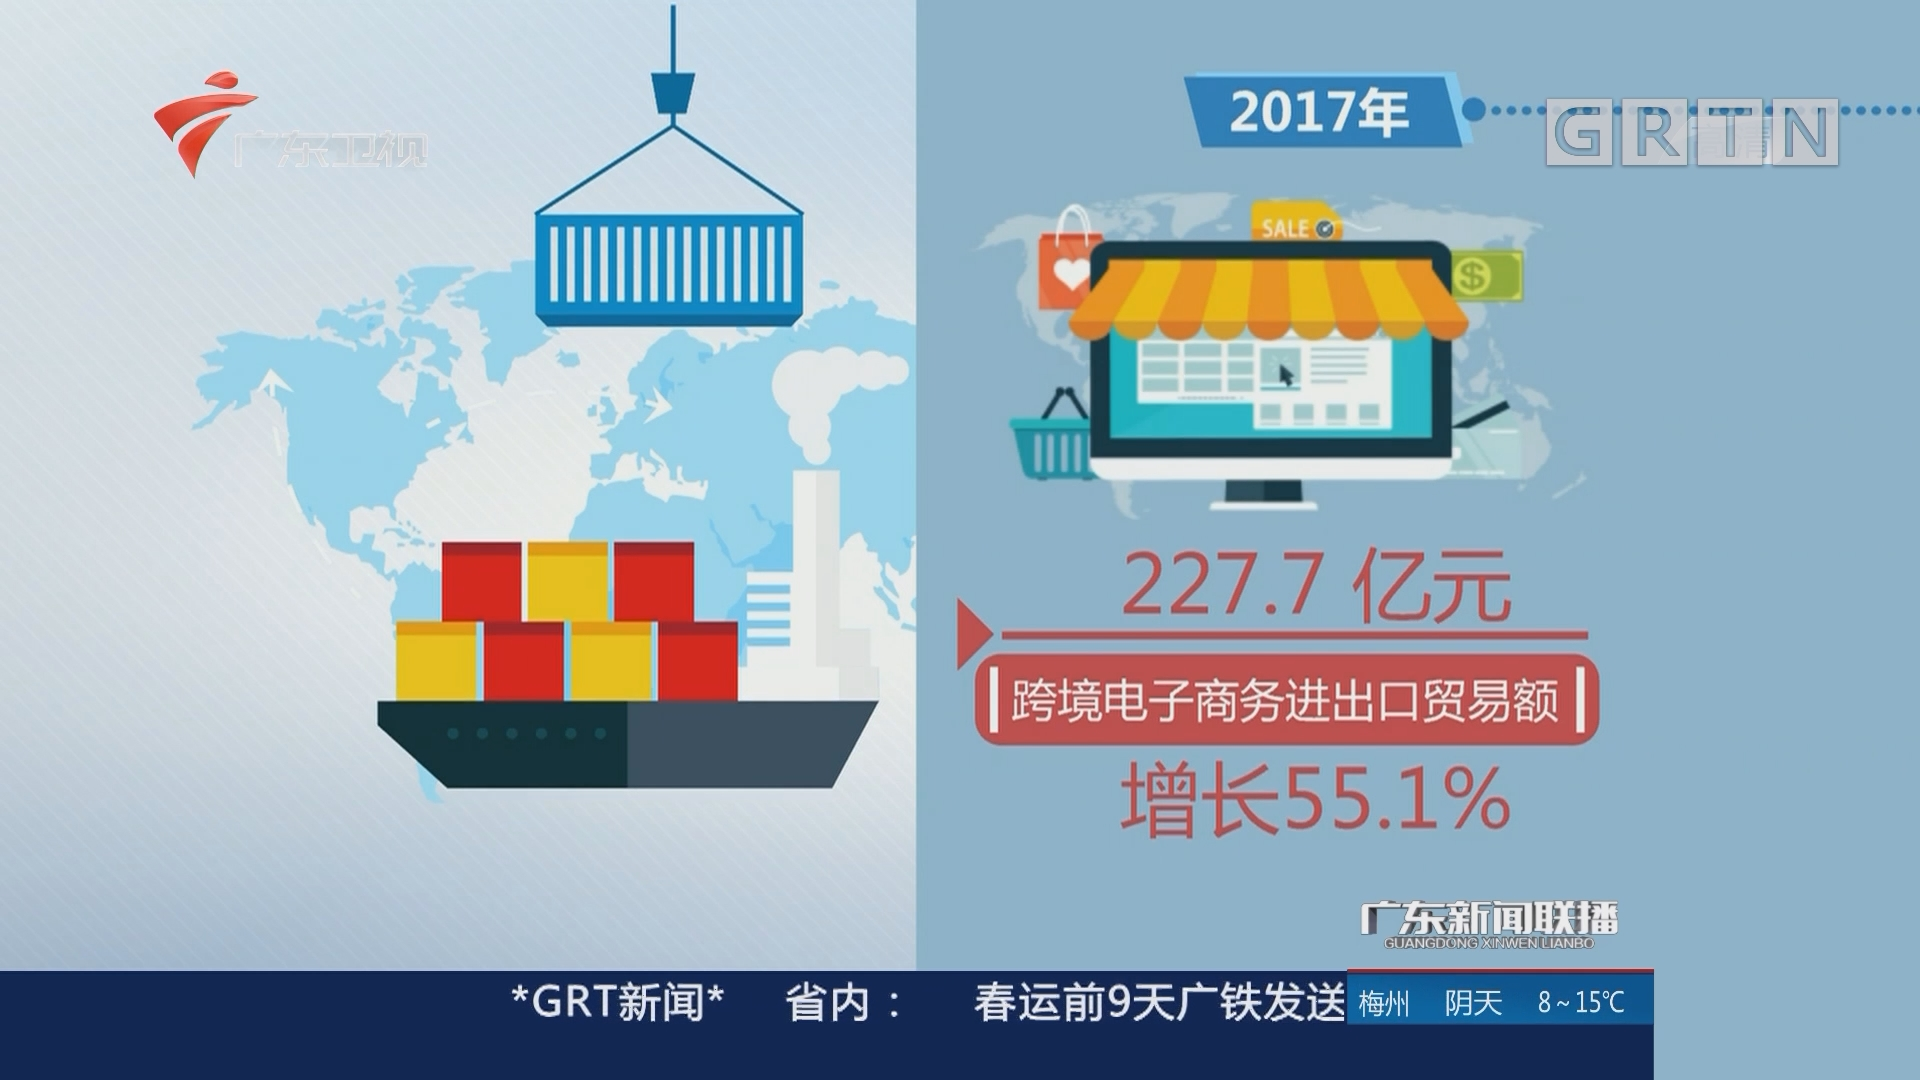 广州:跨境电商业务量连续4年领跑全国